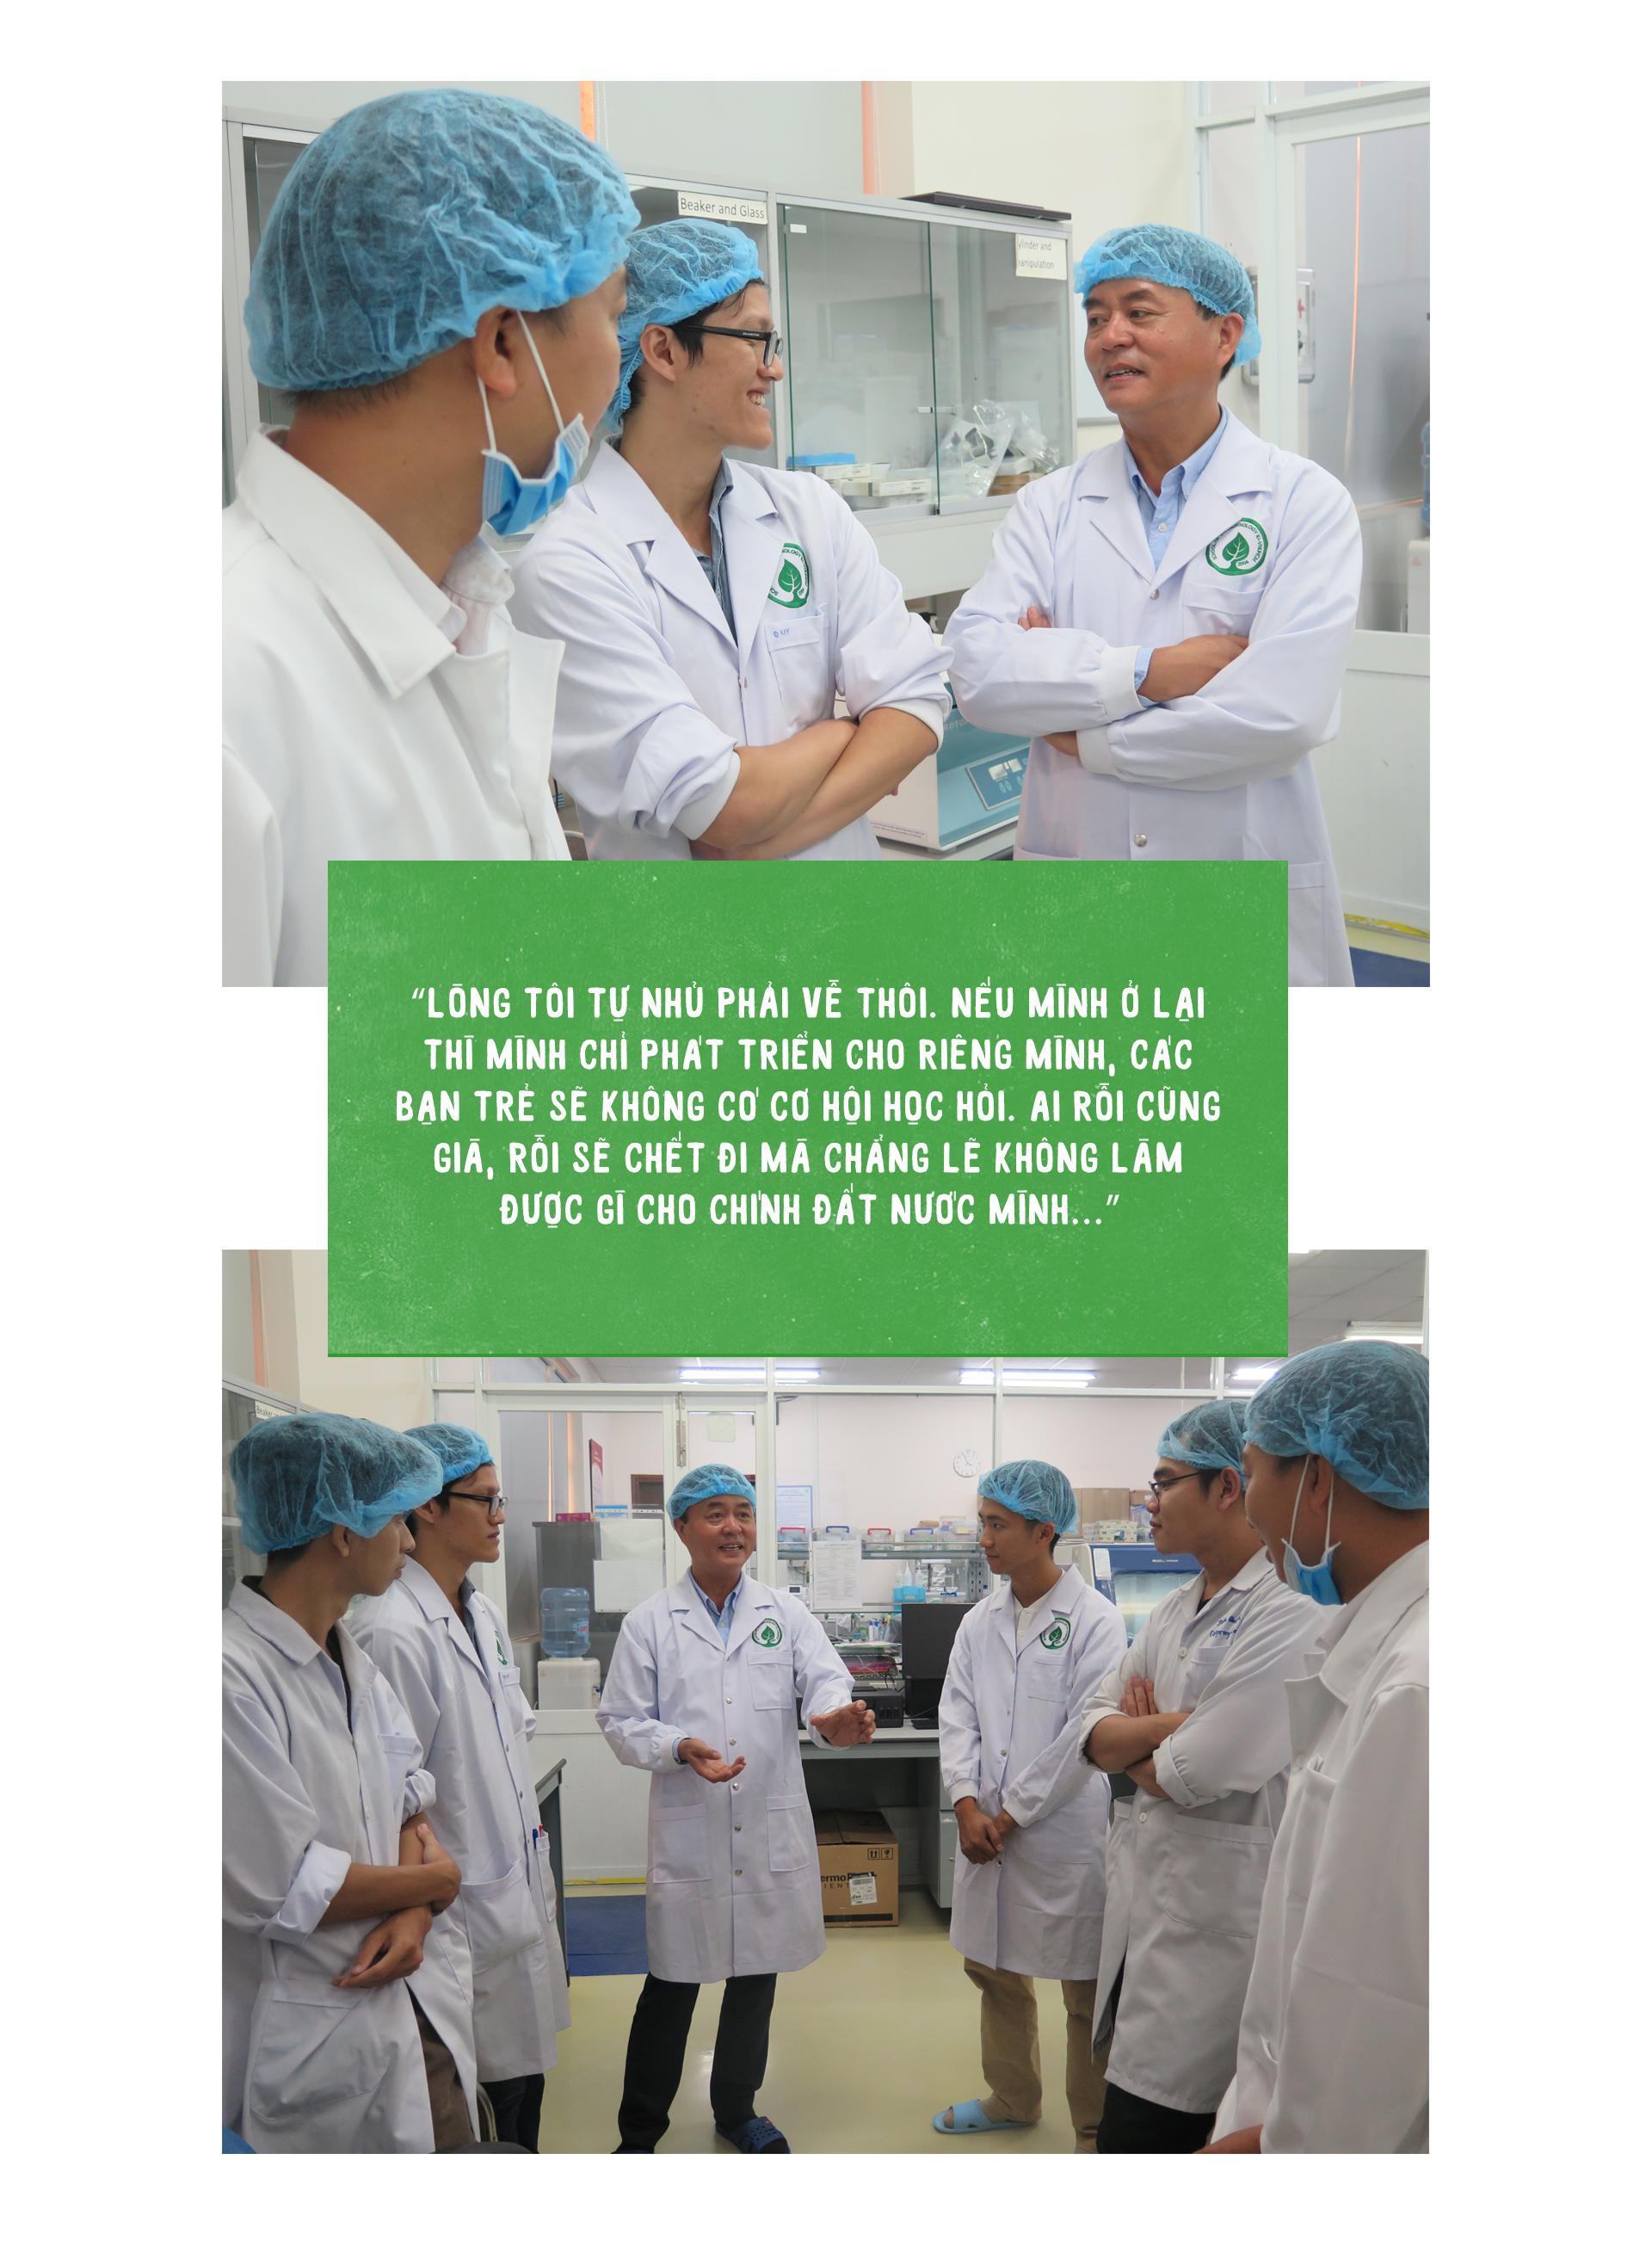 Hành trình 'phải về thôi' của Giáo sư Nguyễn Văn Thuận - ảnh 5